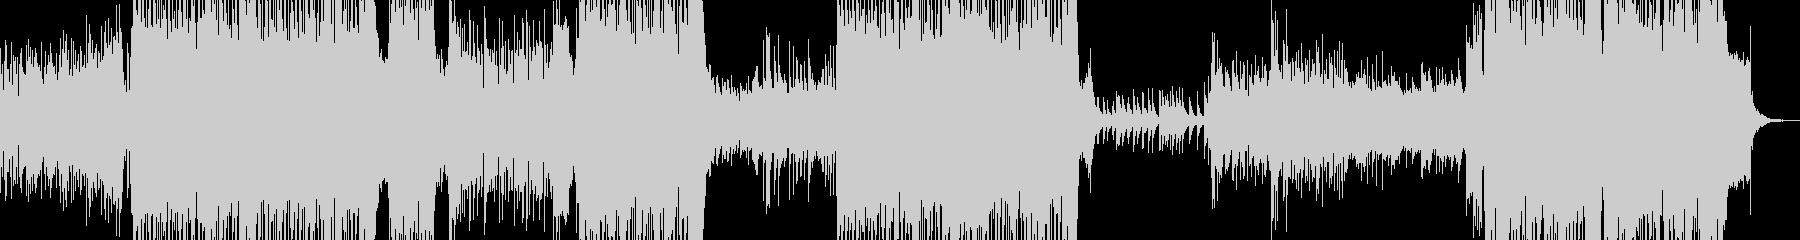 キラキラしたピアノフレーズのテクノの未再生の波形